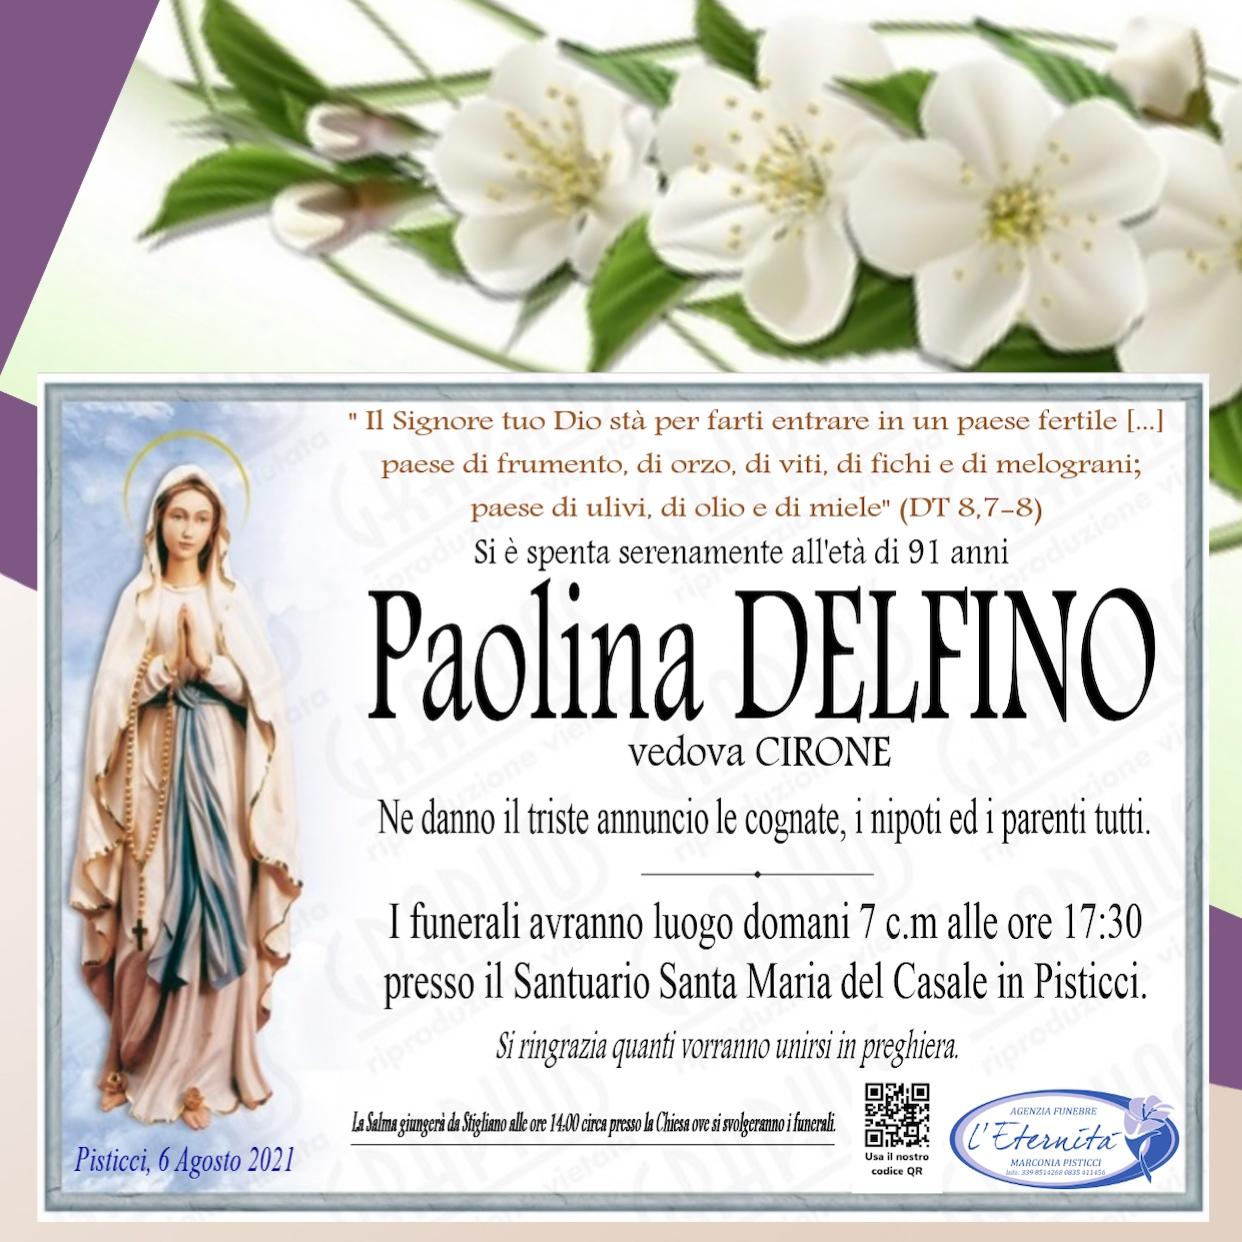 Paolina DELFINO